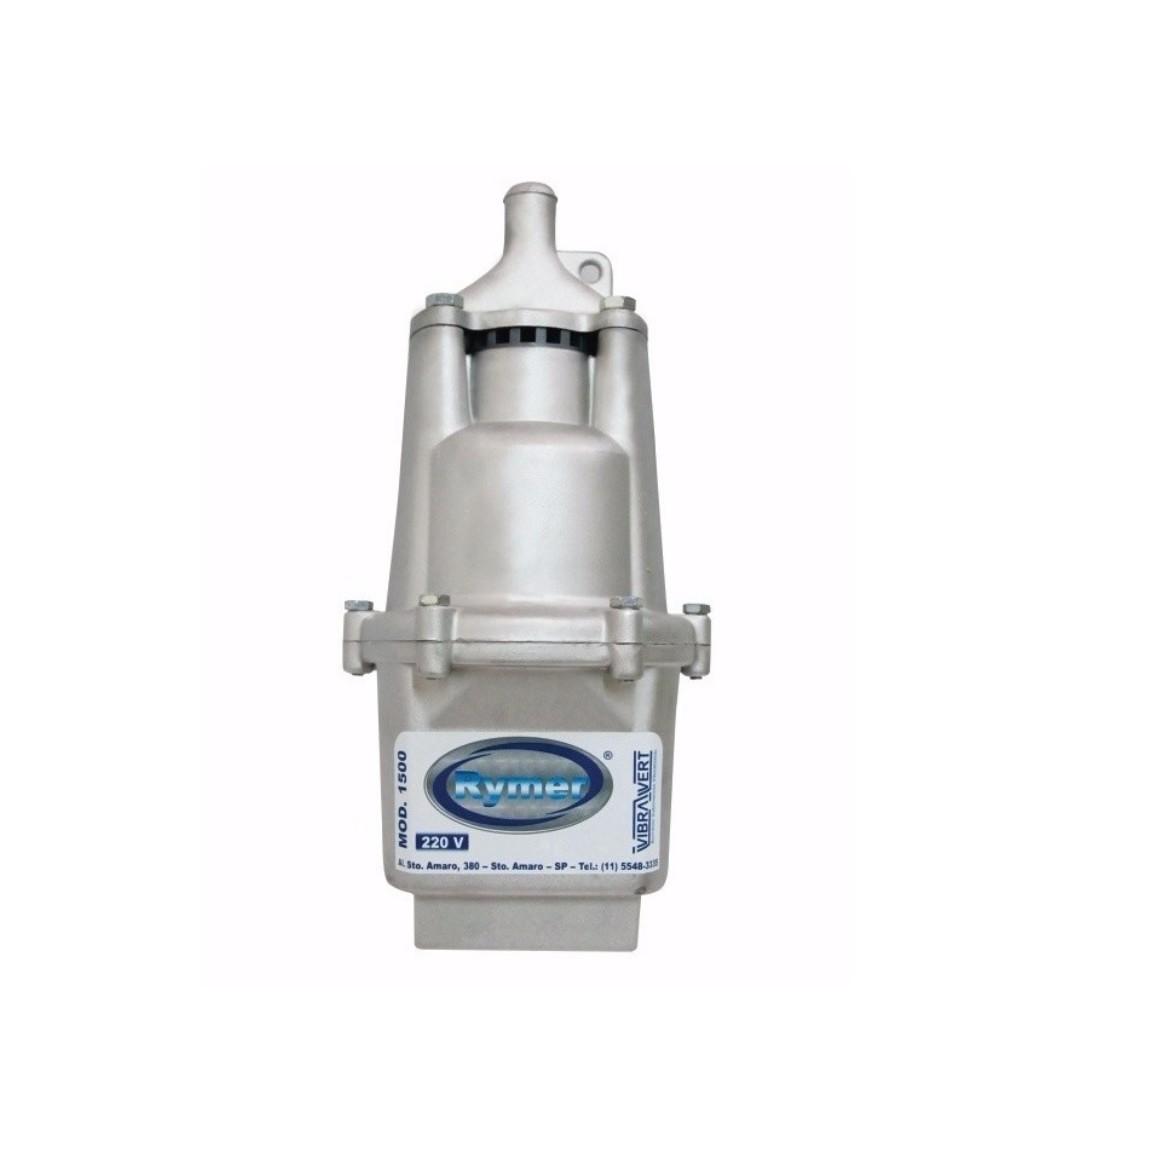 Bomba Submersa Vibratoria Rymer 1500 127V - Vibravert